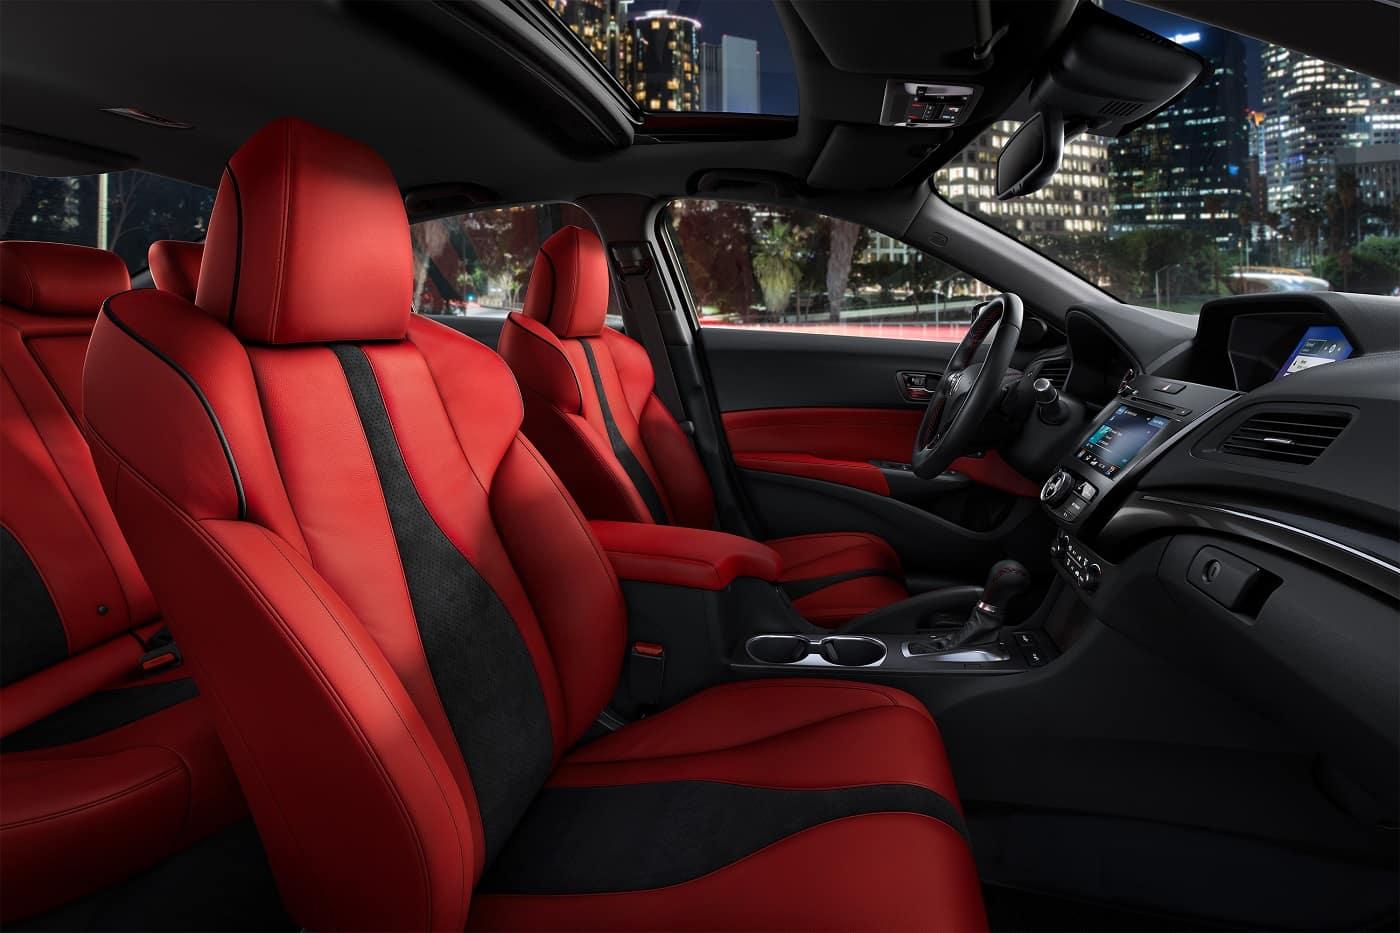 2020 Acura TLX Interior Cab